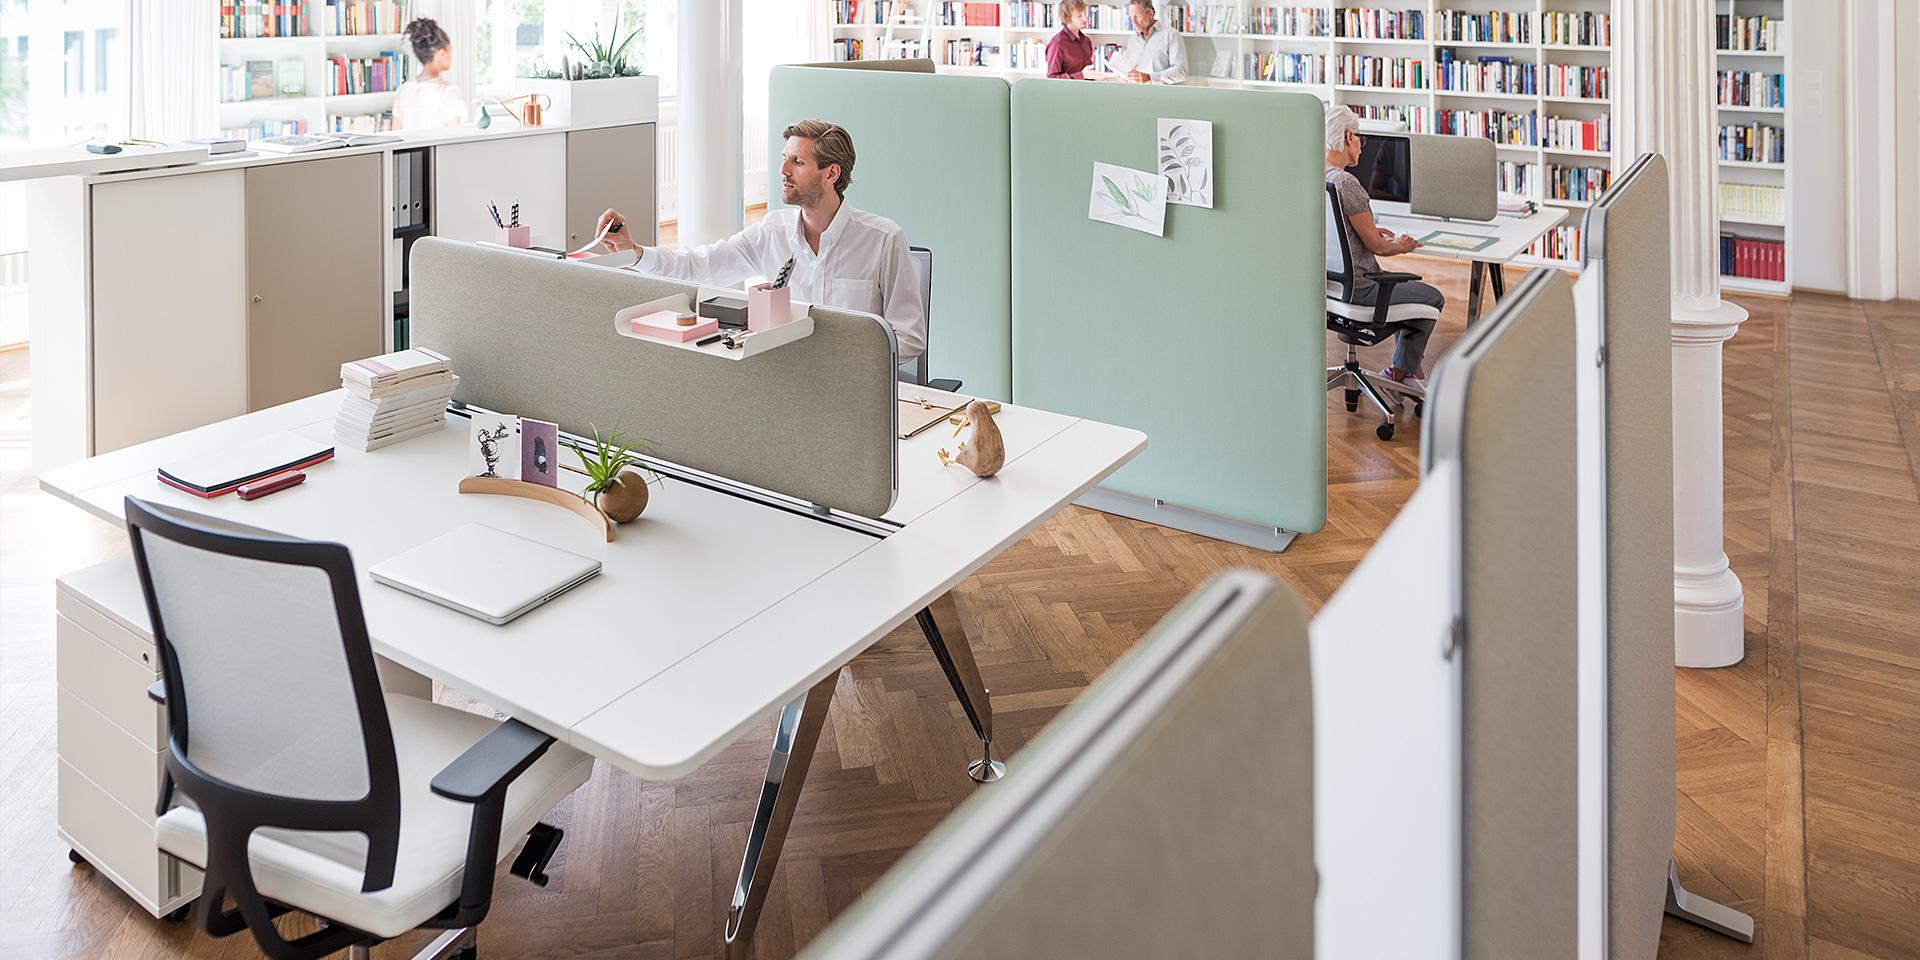 Sedus akoestische scheidingswand - akoestiek Heering Office Den Haag 4